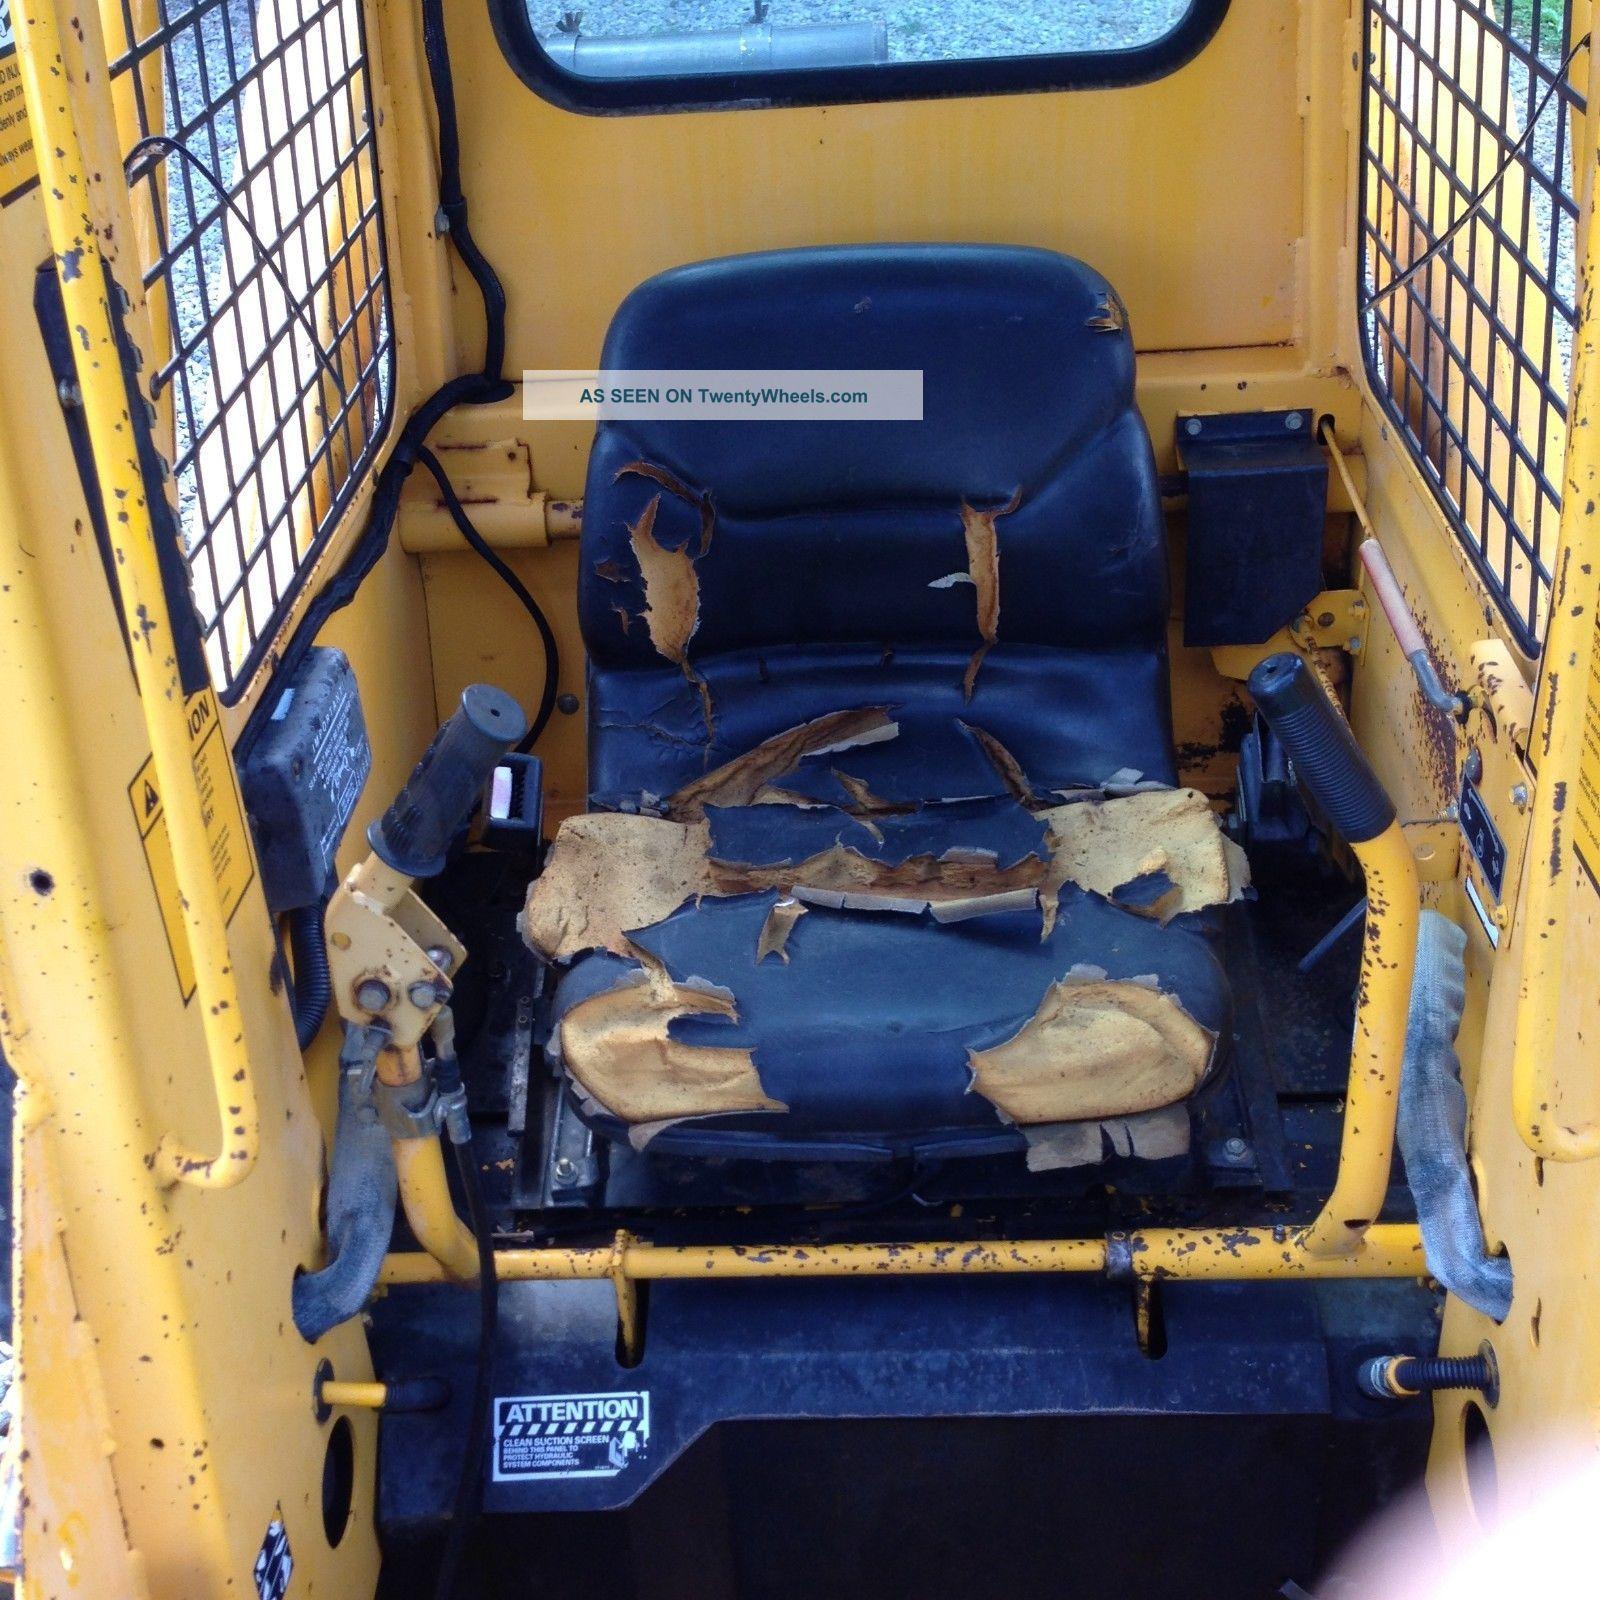 John Deere 675b Rubber Tire Excavator With Bucket